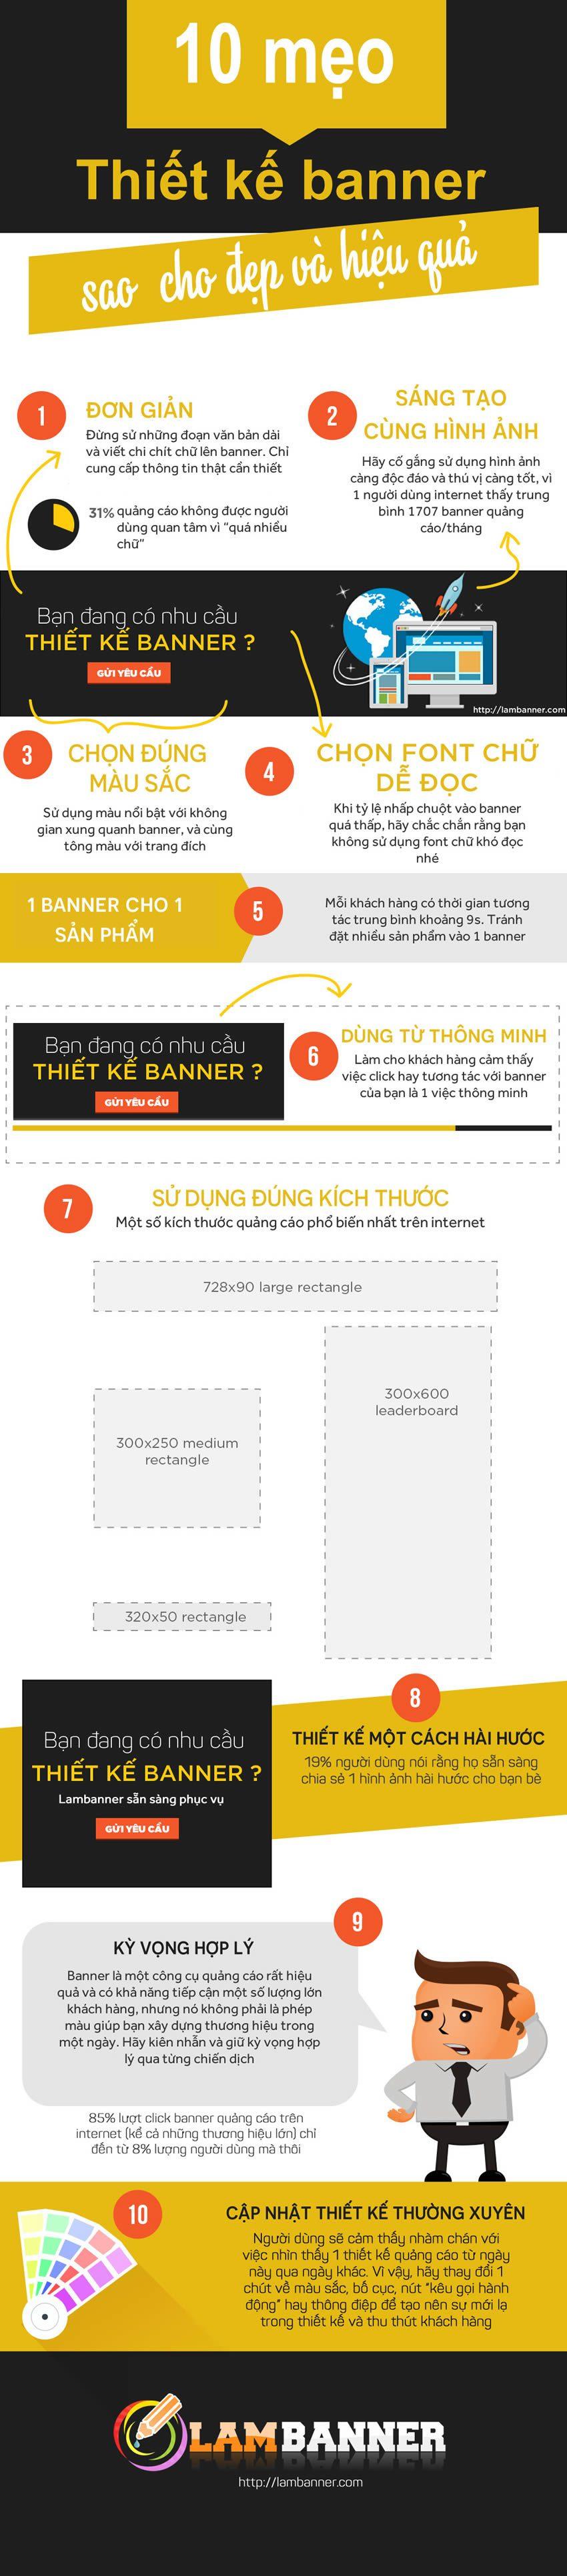 lambanner-infographic-thiet-ke-banner-online